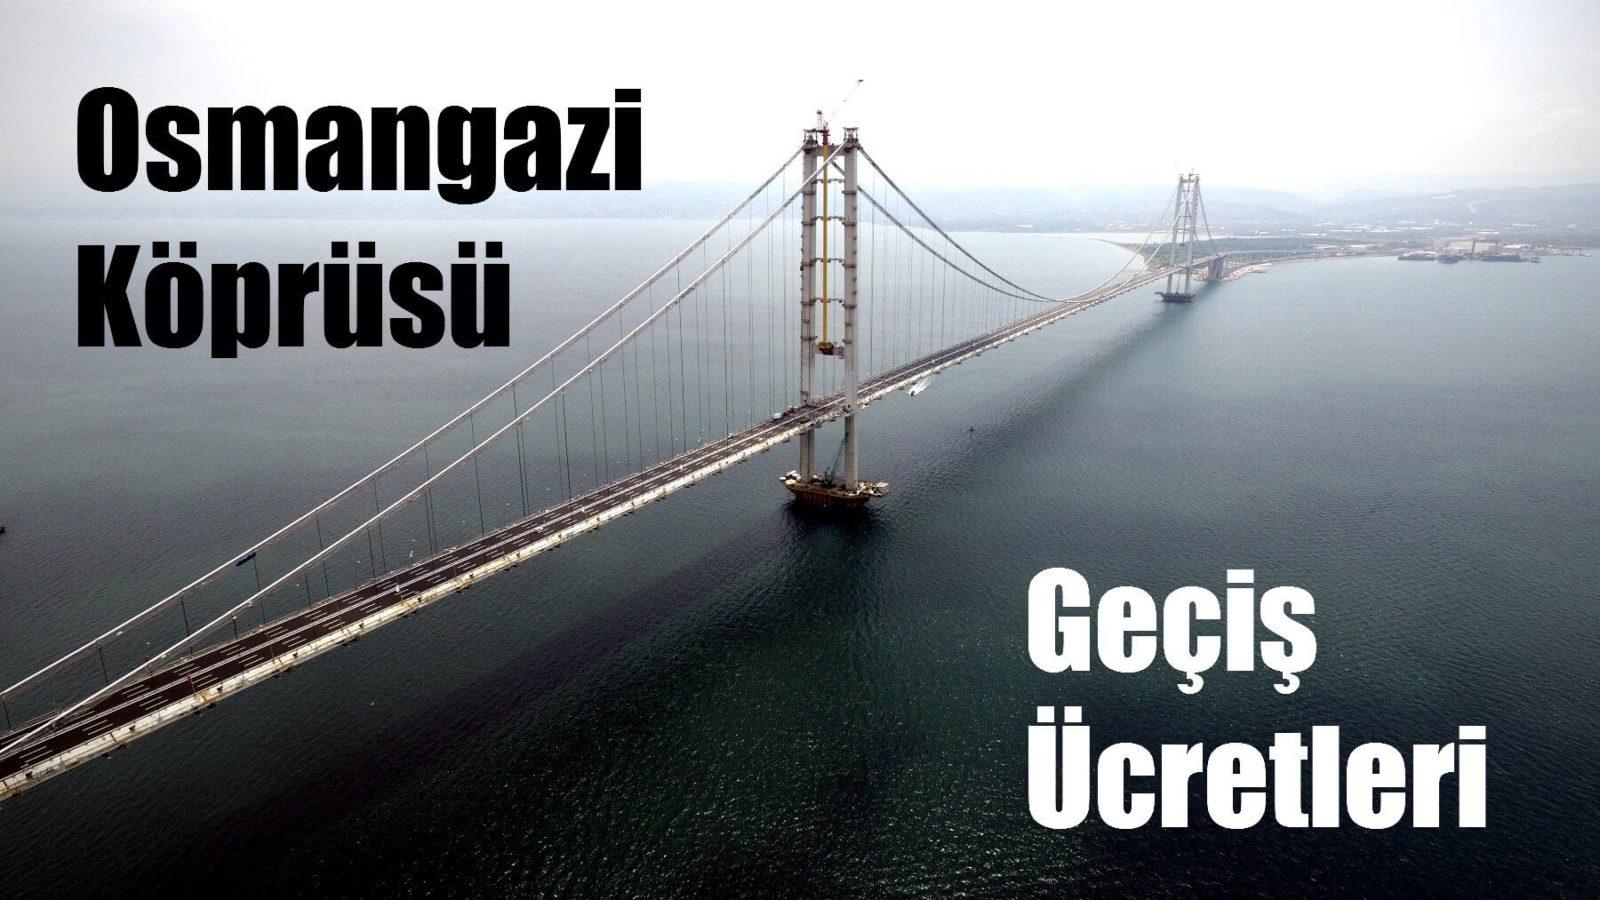 Osmangazi köprüsü tüm araçlar için geçiş ücreti belli oldu! İşte fiyat tarifesi 1